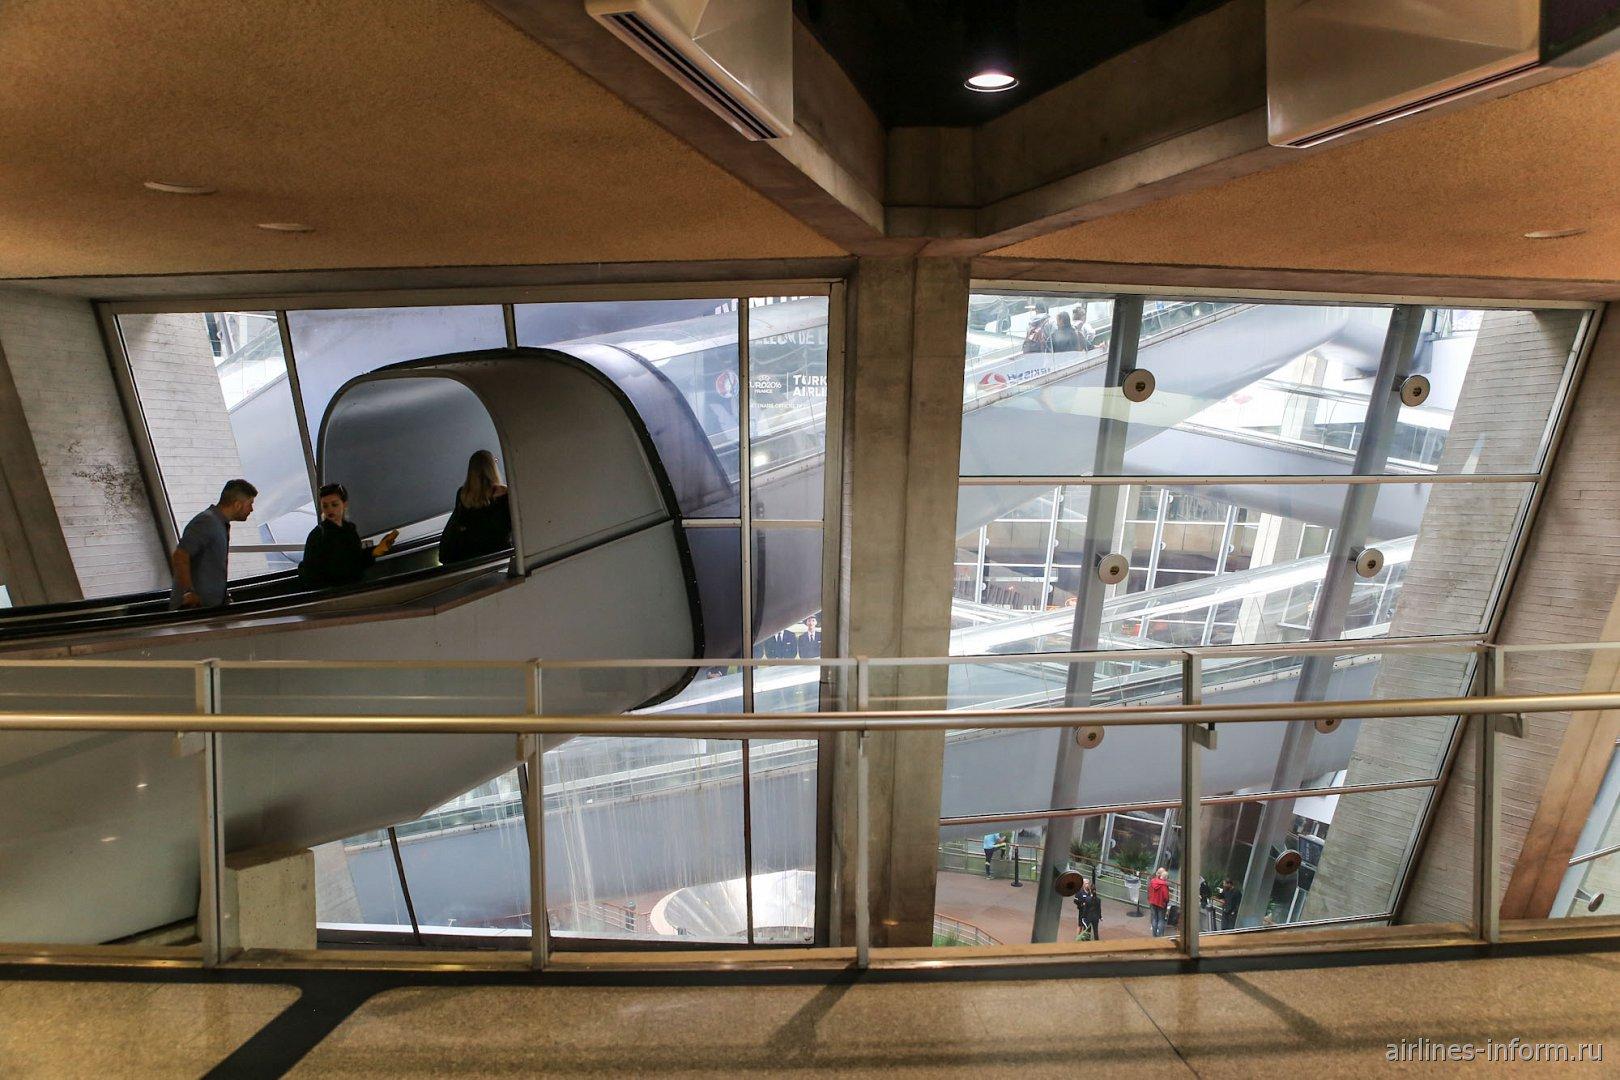 Эскалаторы в терминале 1 аэропорта Париж Шарль-де-Голль